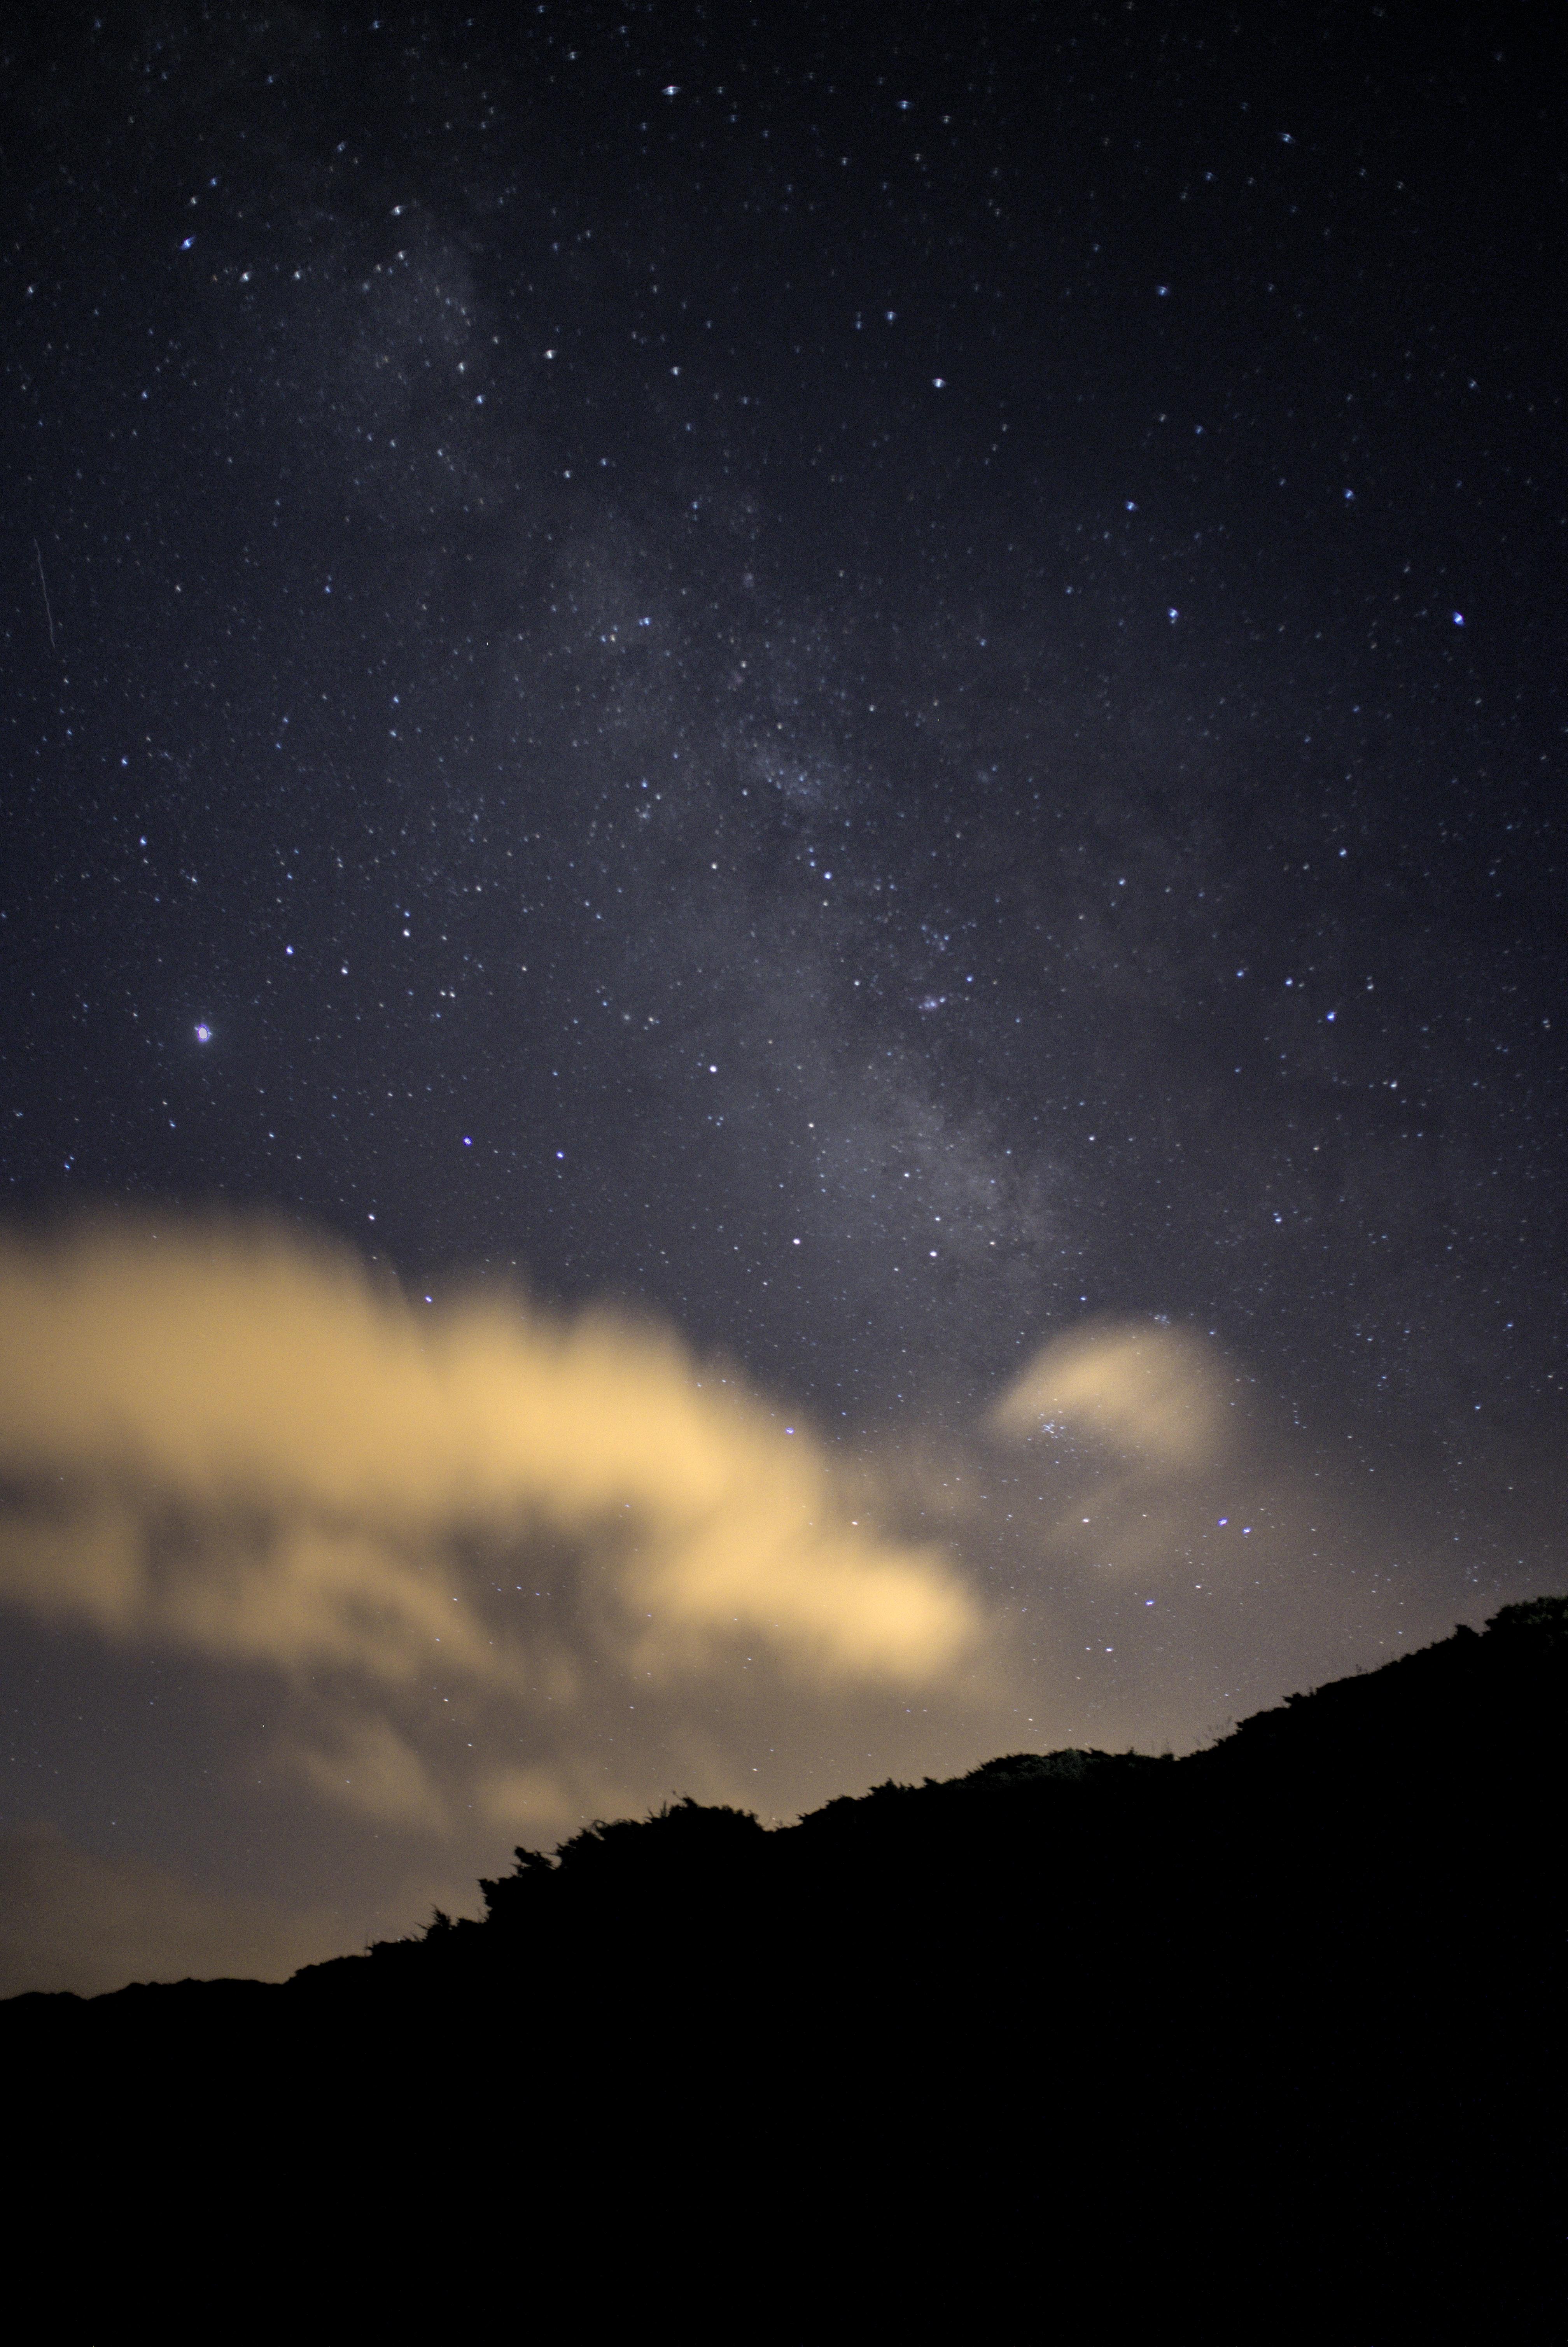 143316 скачать обои Темные, Холм, Звездное Небо, Облака, Ночь, Звезды - заставки и картинки бесплатно